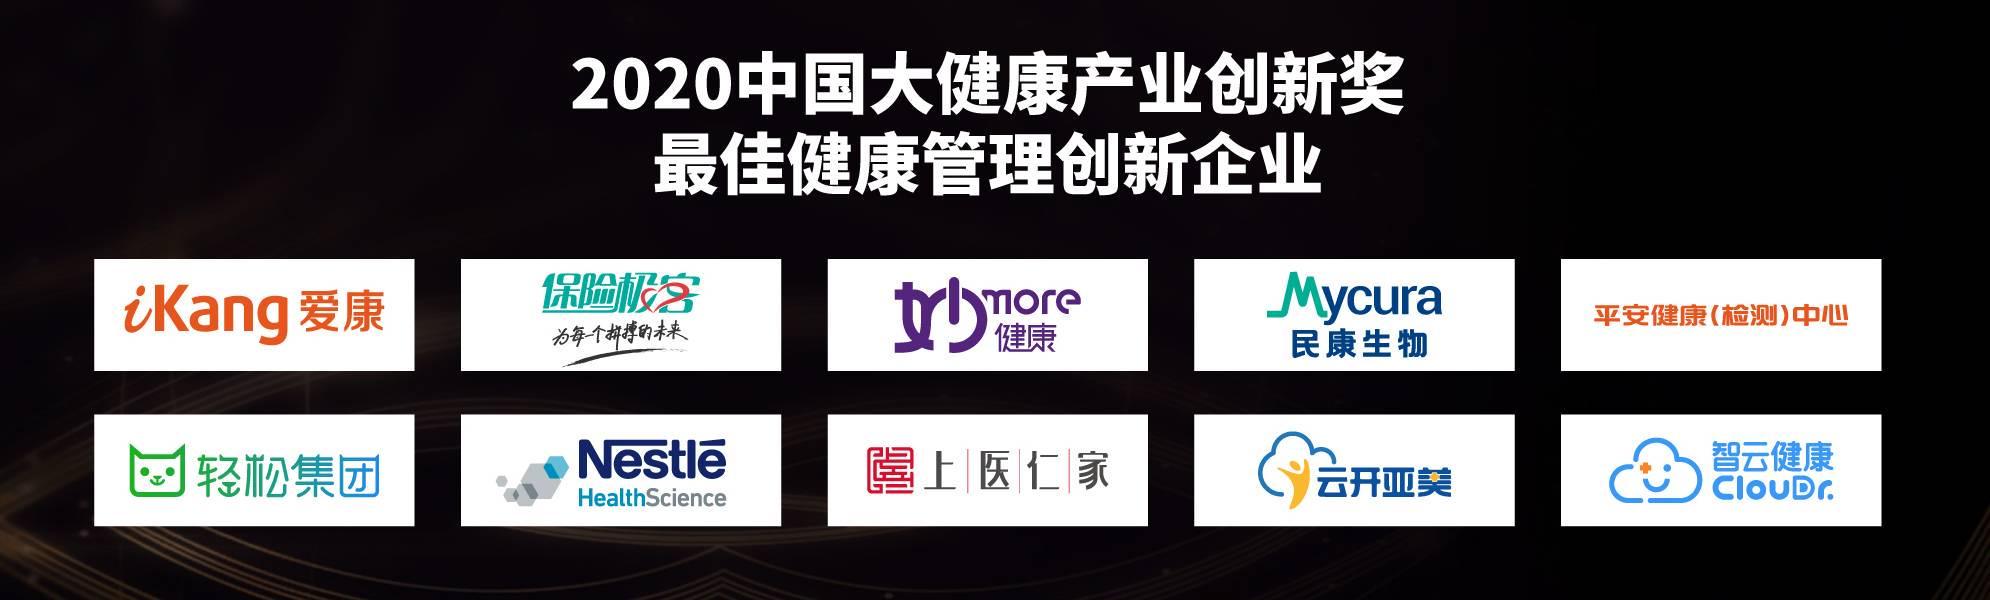 """智云健康荣获""""2020中国大健康产业创新奖·最佳健康管理创新企业"""""""